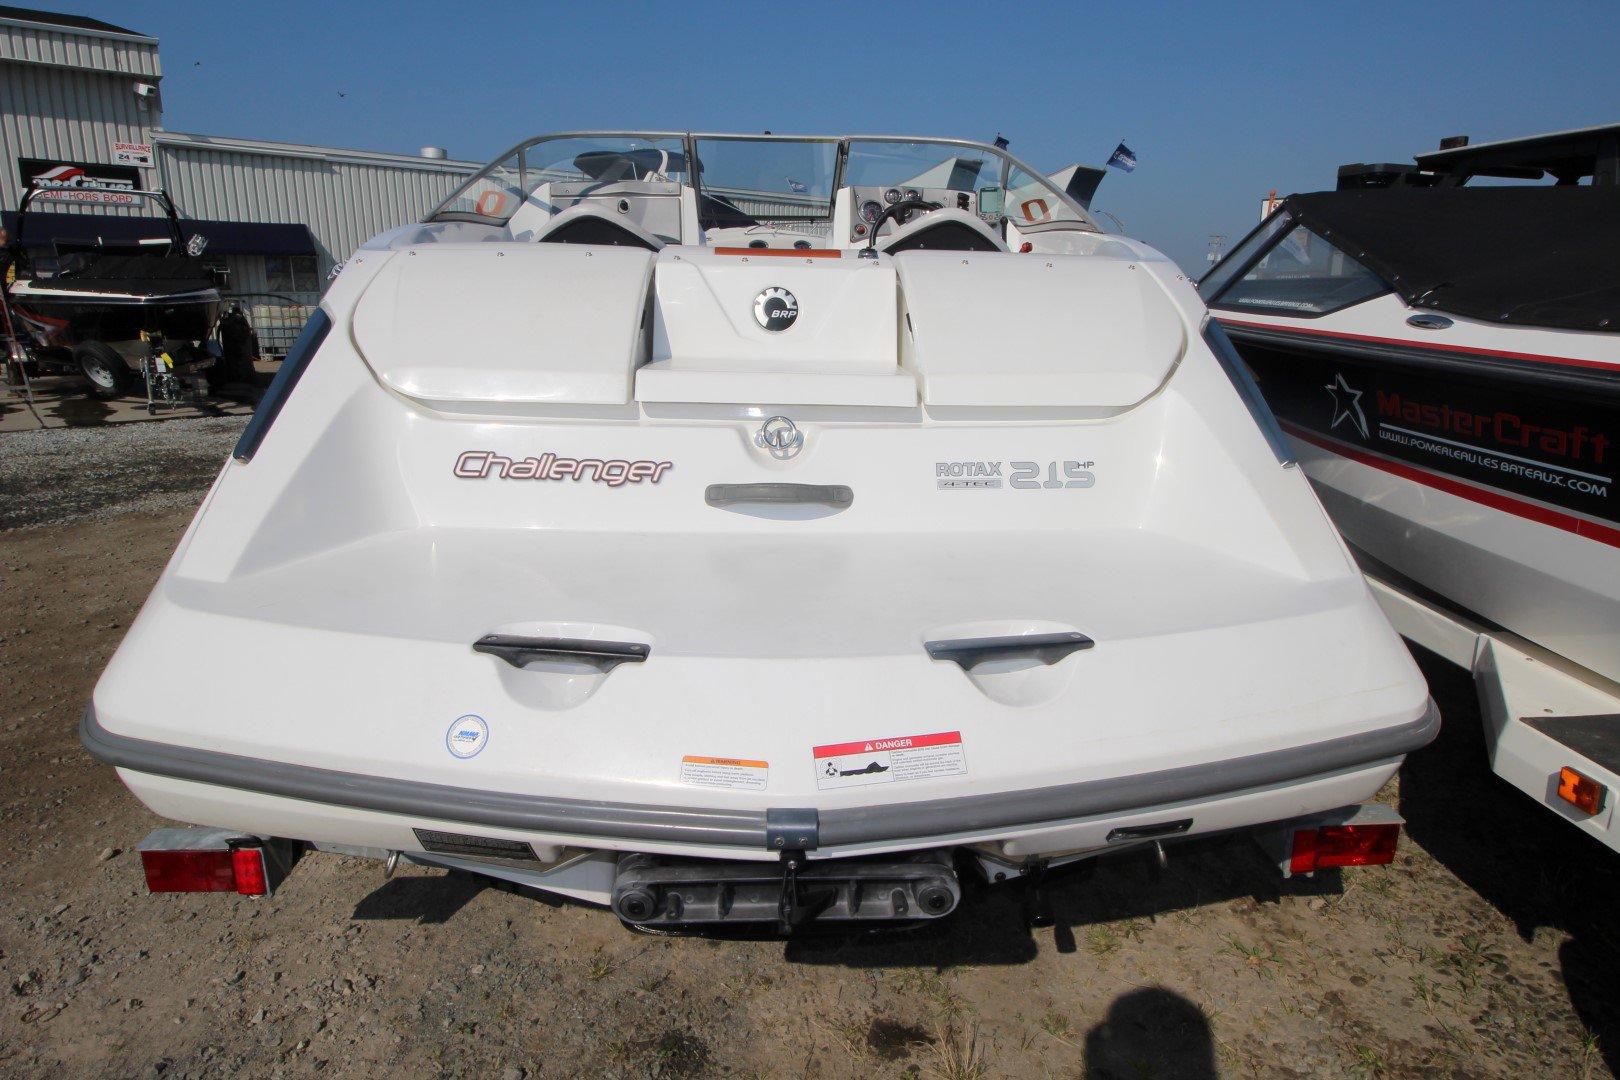 BRP Sea doo Challenger 180 - IMG_2251